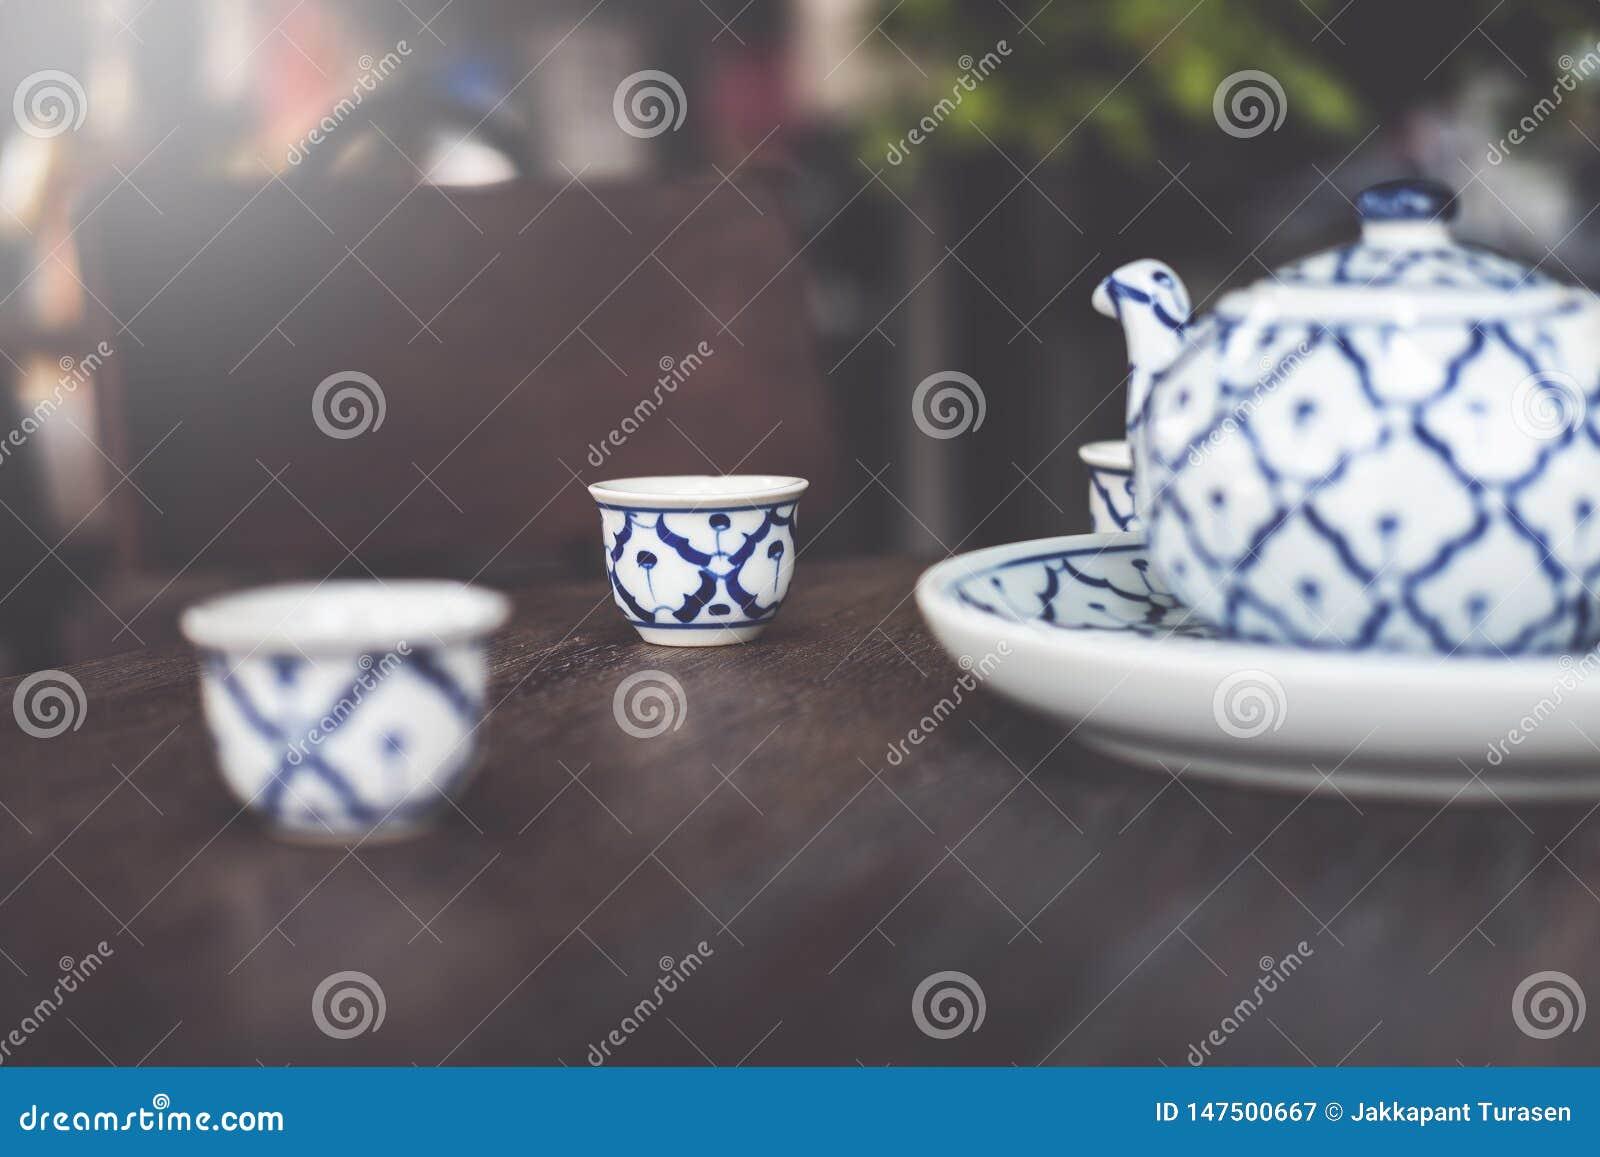 Tappning keramiska Kina, kinesiskt porslin, teservis